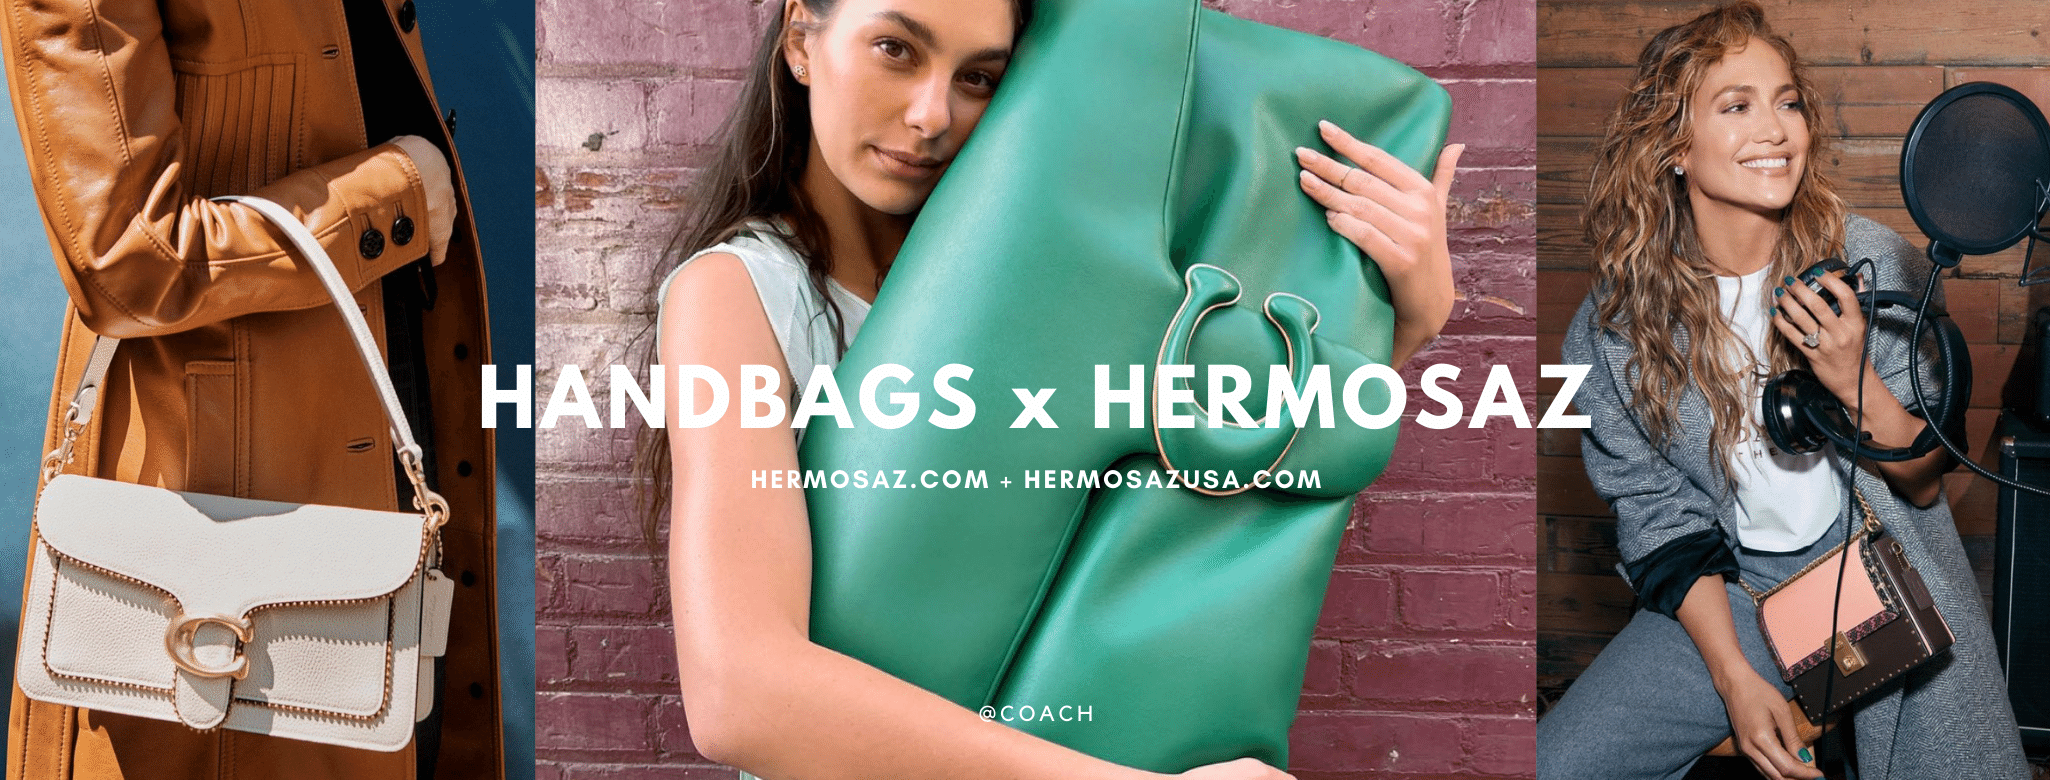 handbags x Hermosaz